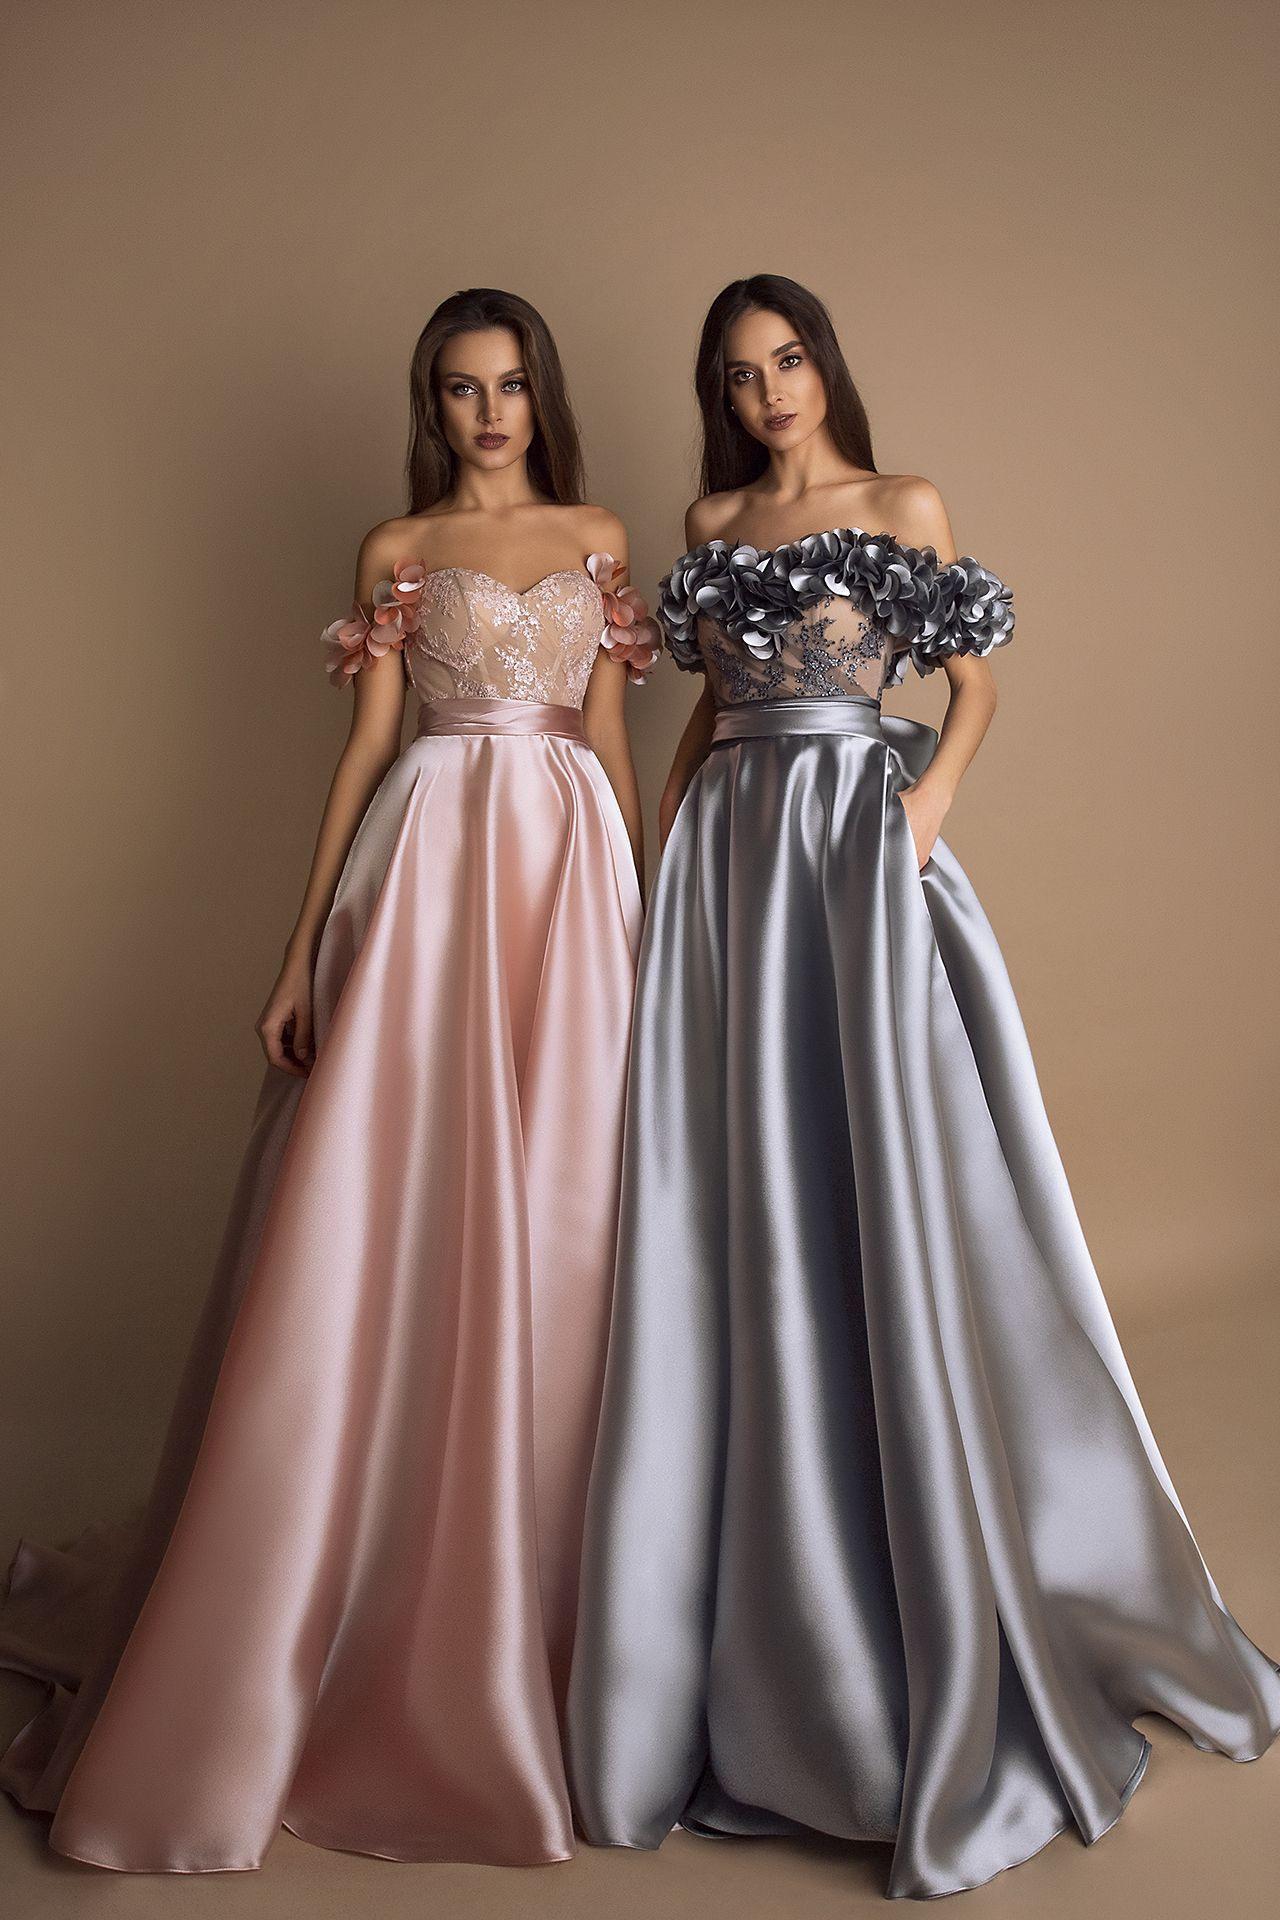 Formal Schön Nelly Abend Kleider Boutique - Abendkleid